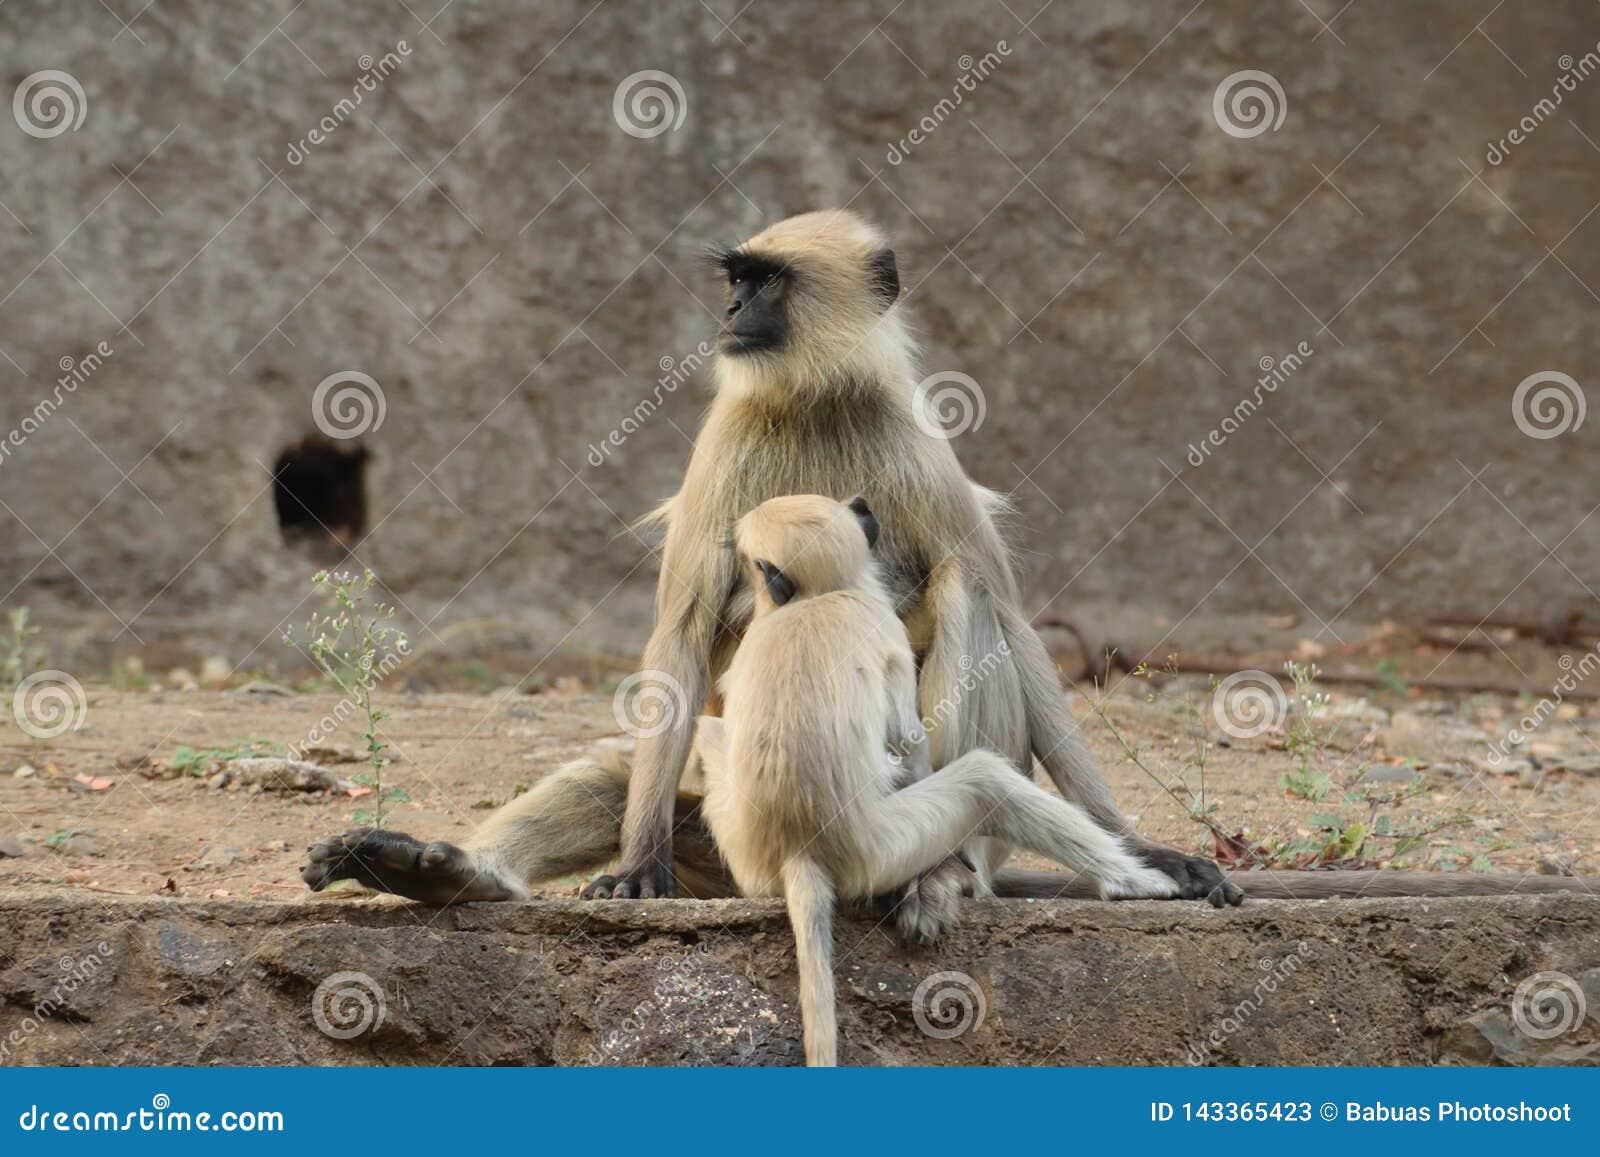 母亲和孩子永恒债券